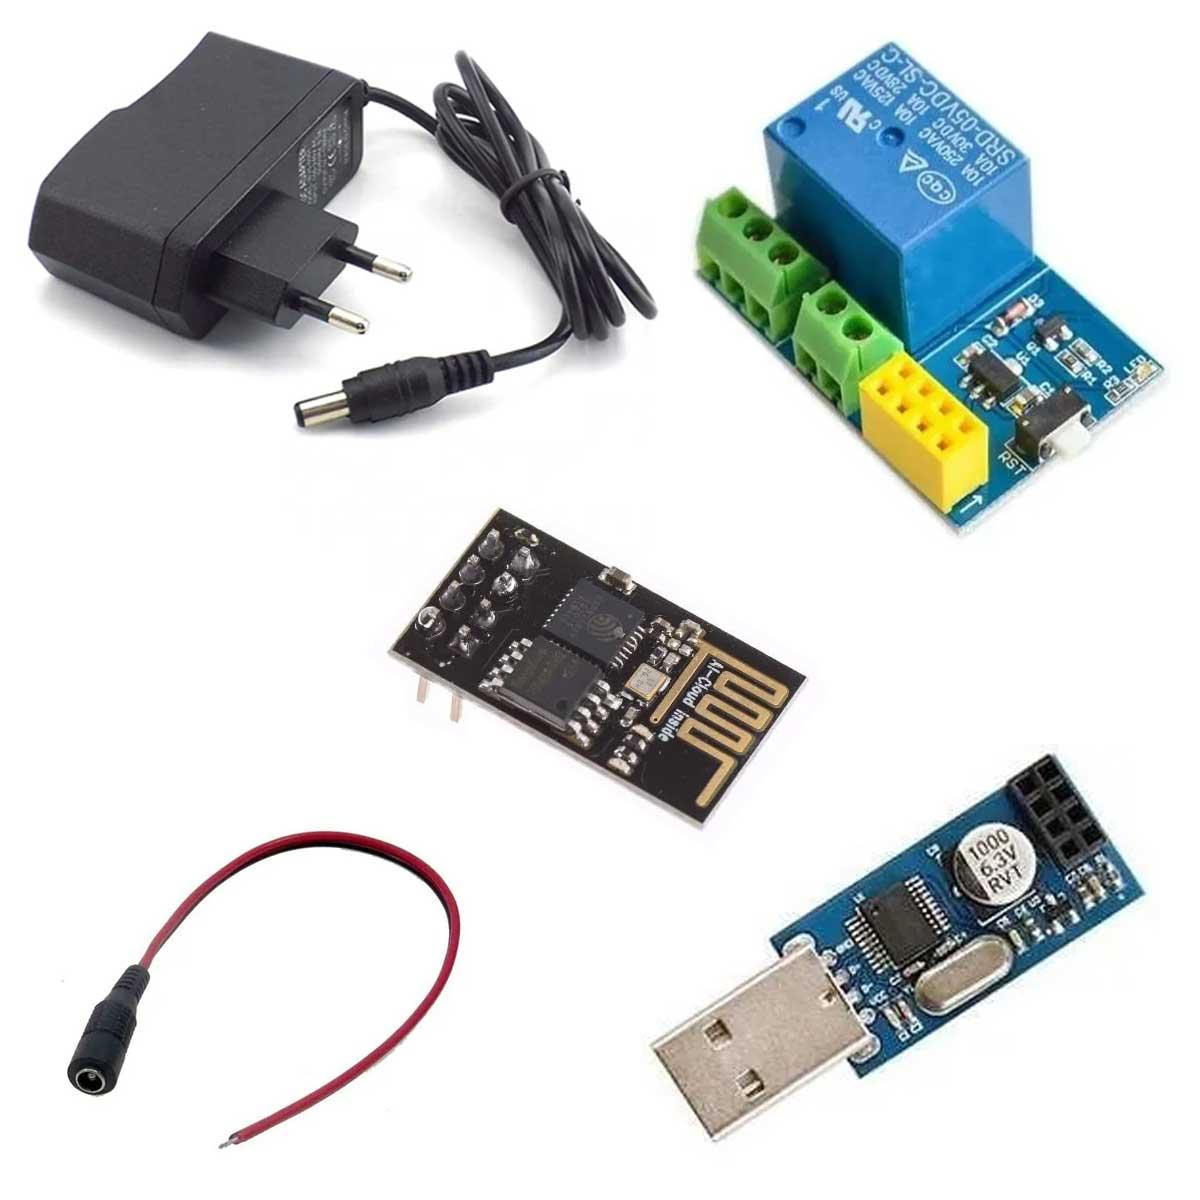 Kit Esp-01 Automação Iot com Módulo Relé + Fonte + Conversor USB Serial e Tutorial